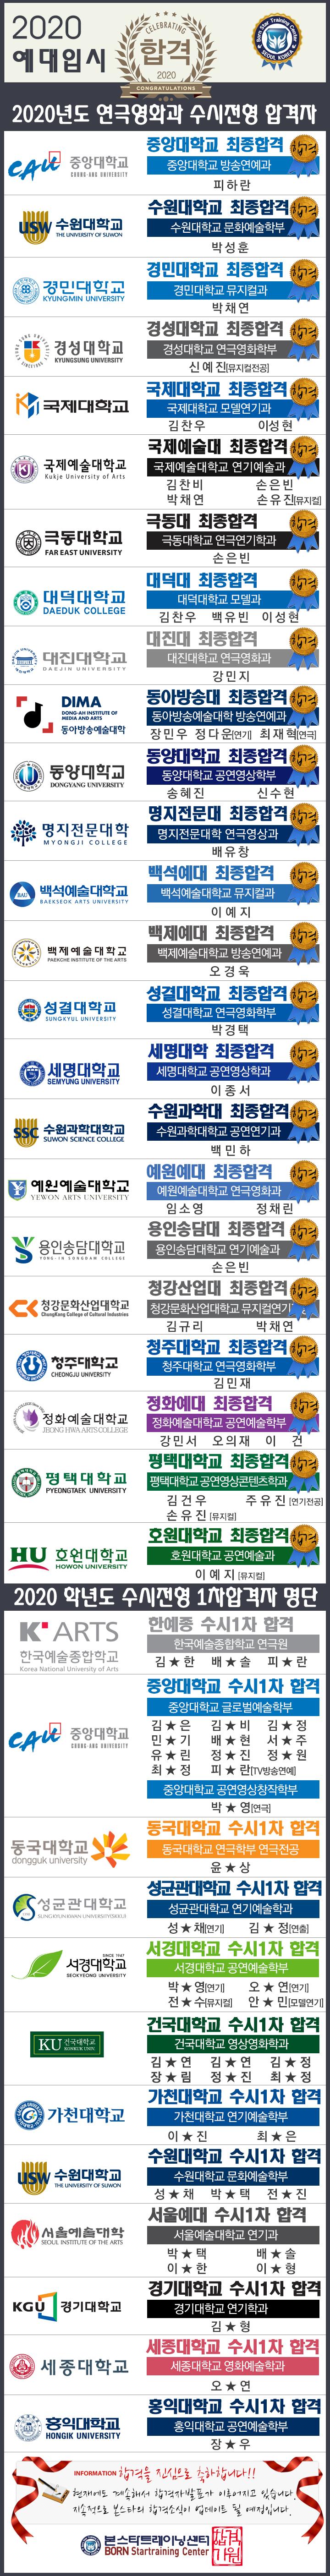 본스타 입시학부 합격 수강생 명단2020